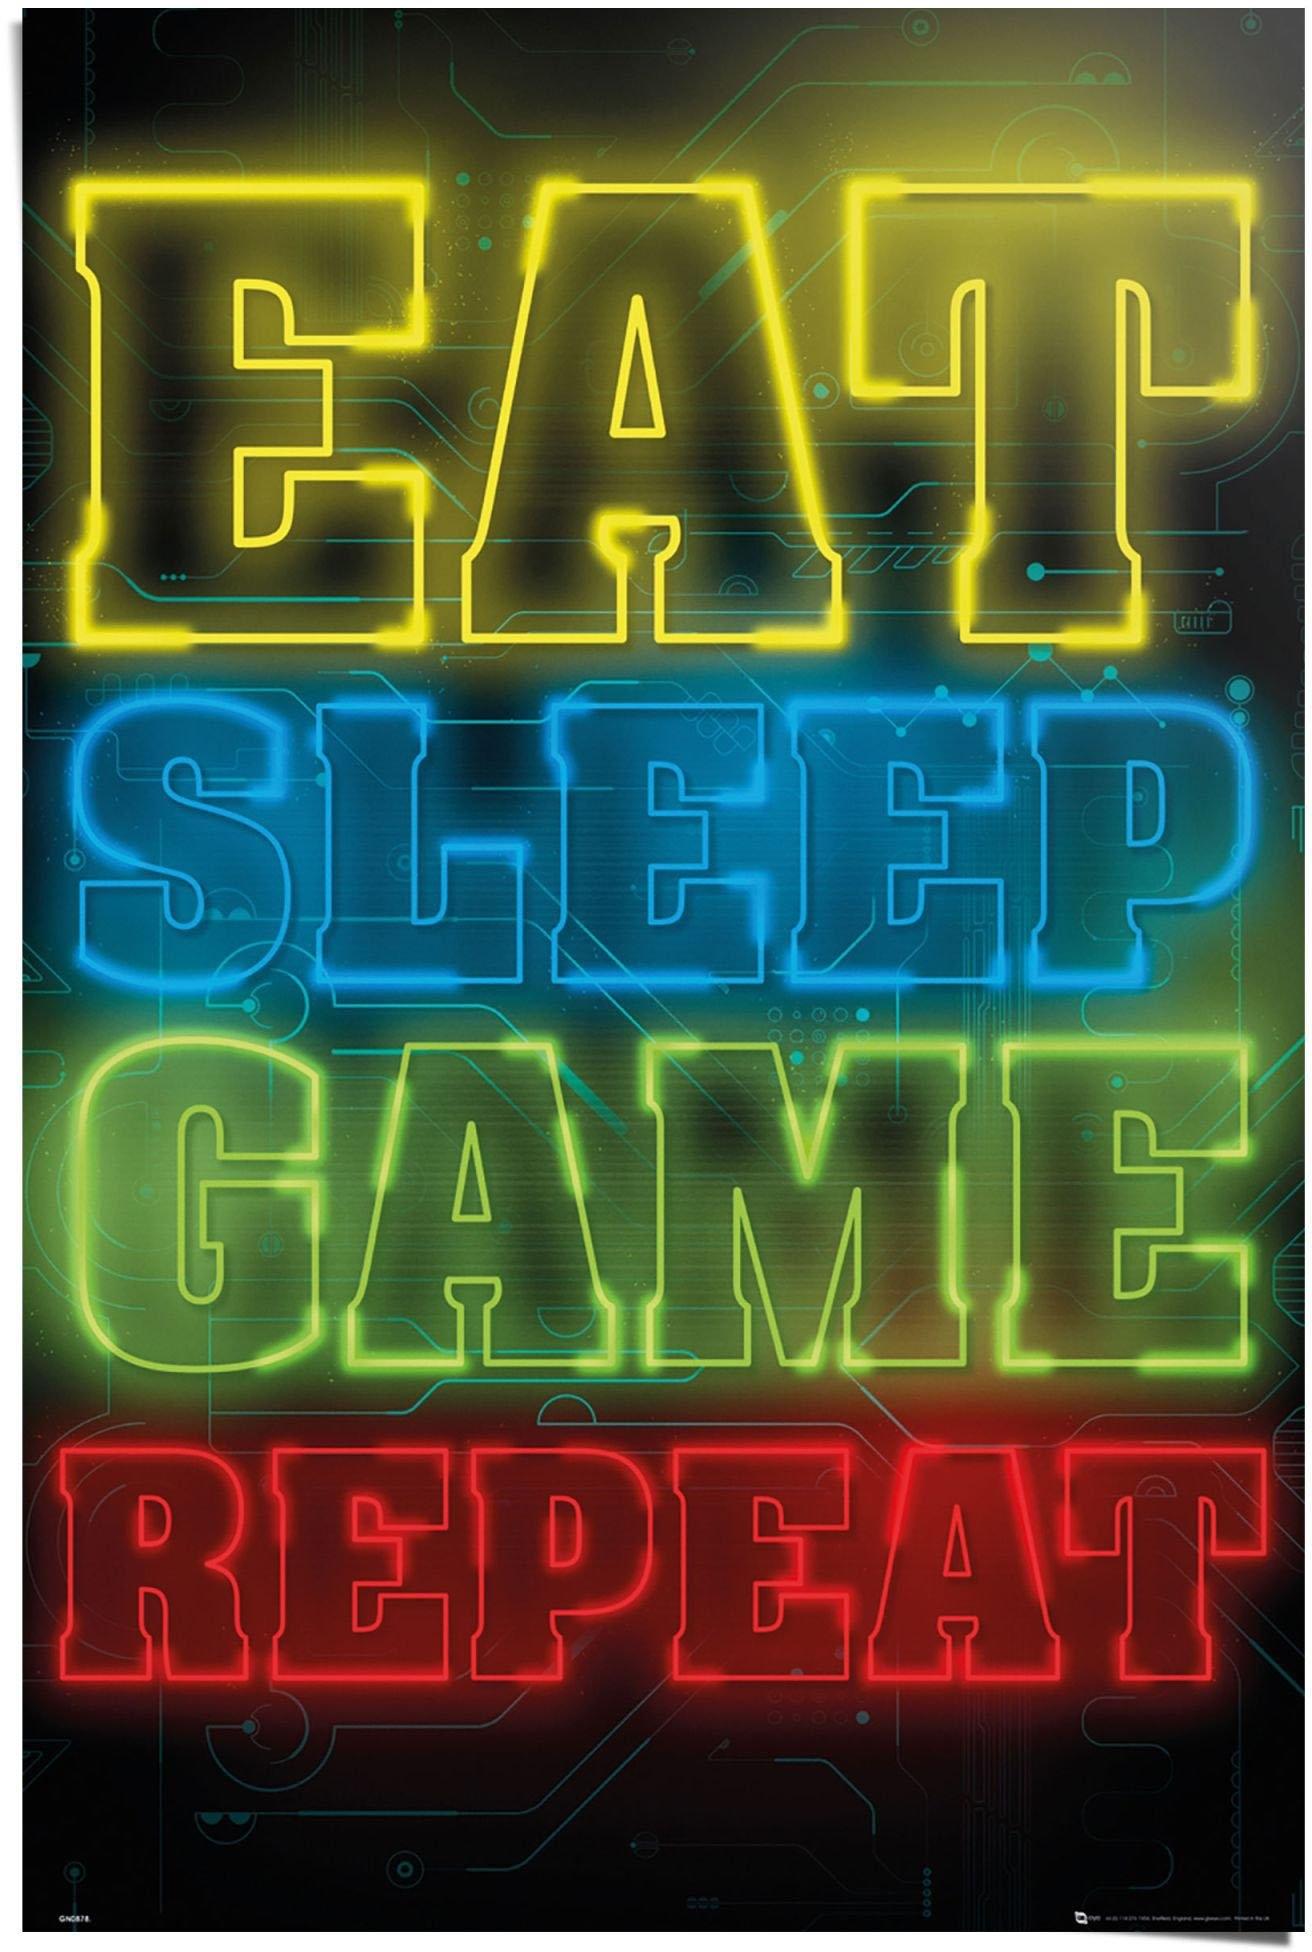 Reinders! poster gokken Eat sleep game repeat (1 stuk) veilig op otto.nl kopen